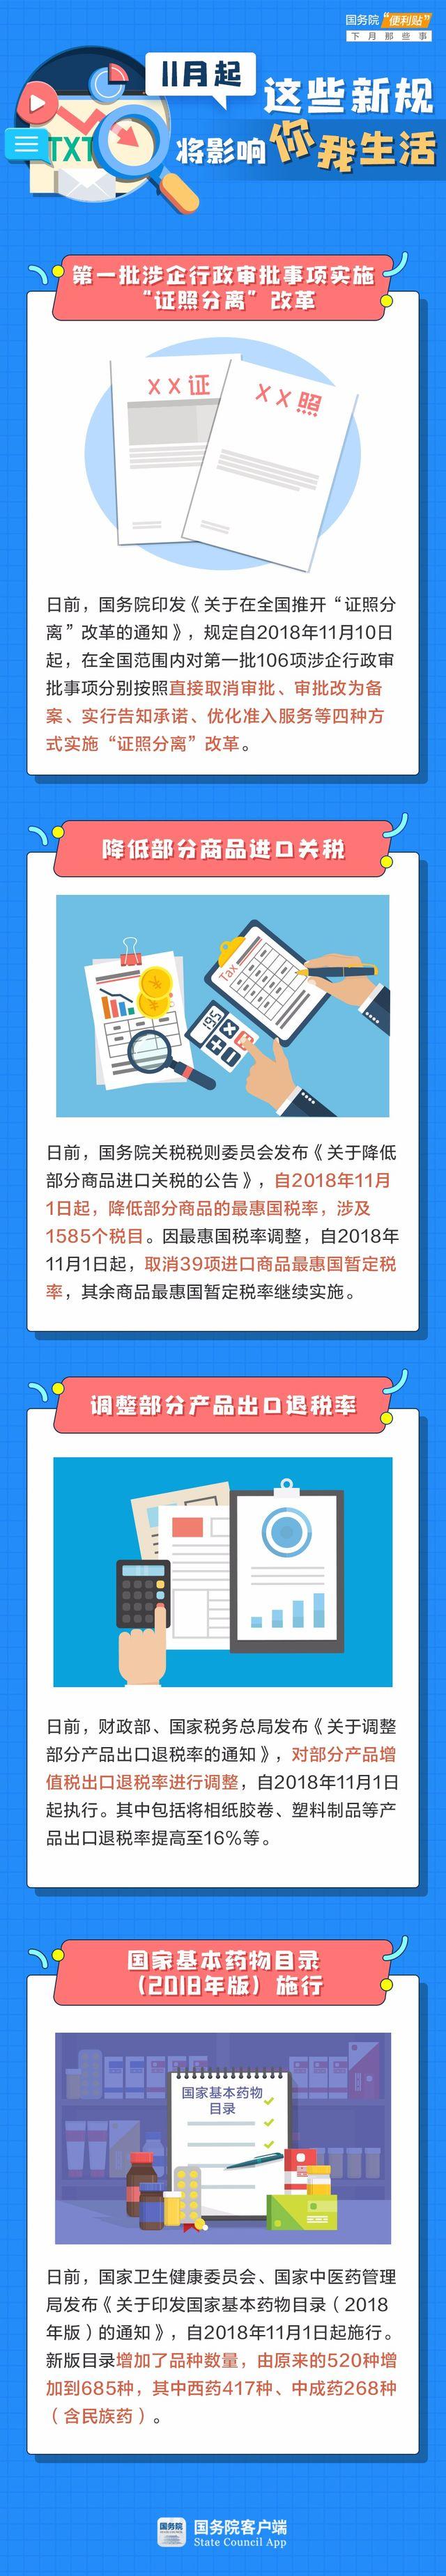 2019年广东公务员考试时政:下月起,这些新规将影响你我生活